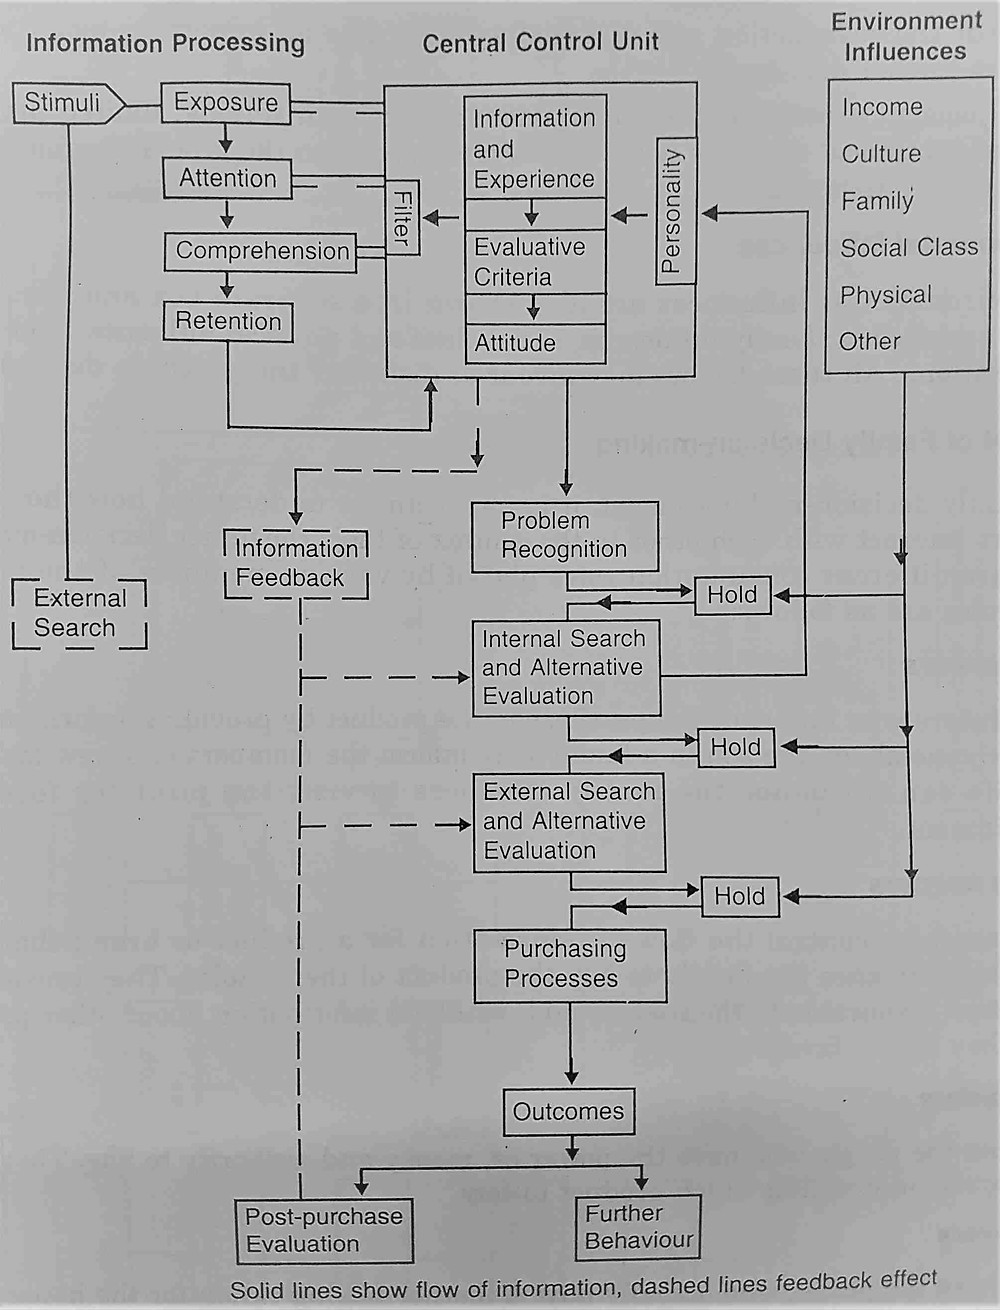 Engel-Blackwell-Kollat Model